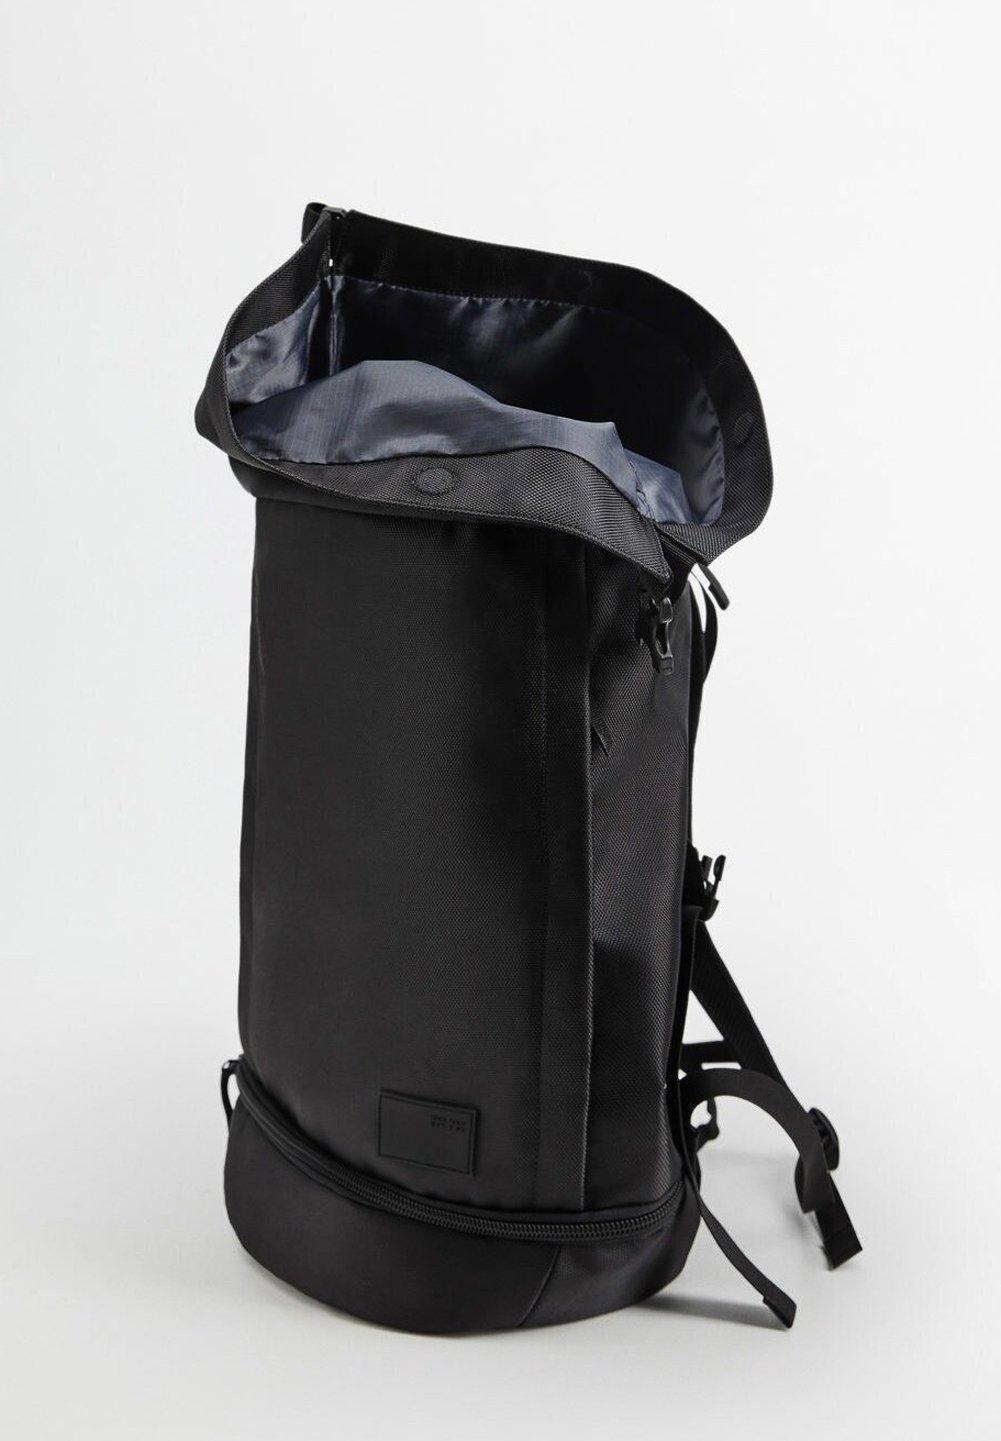 Mango BERLIN - Tagesrucksack - svart/schwarz - Herrentaschen cVh9A